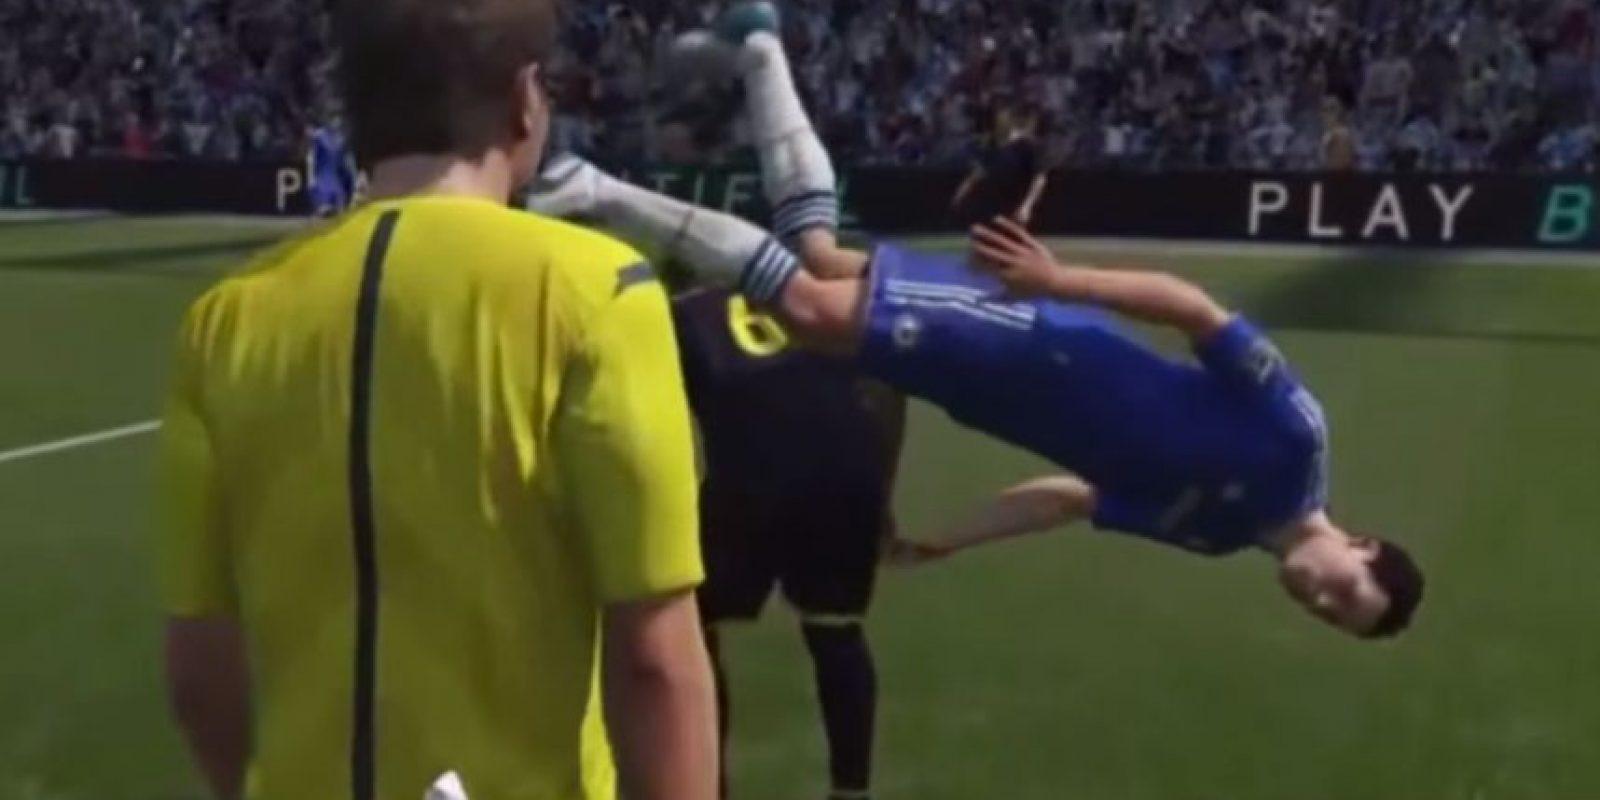 En el video aparecen los porteros más tontos del mundo y alguno que otro futbolista que bien podría ser bailarín. Foto:MemedeportesTV/YouTube